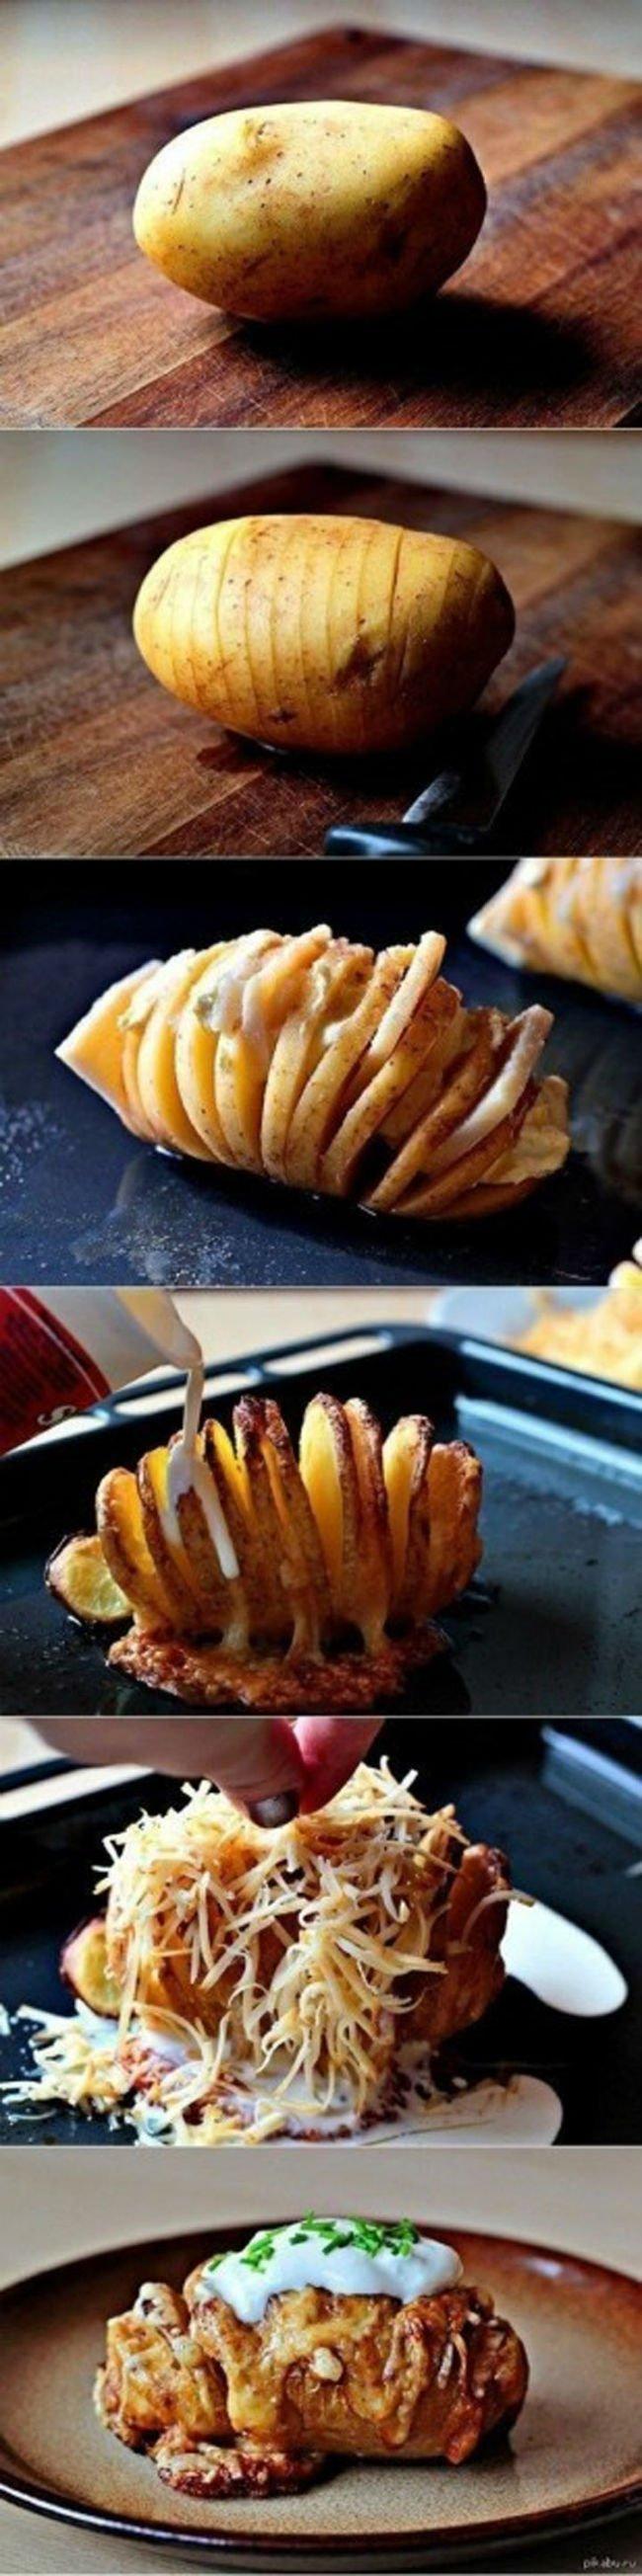 необычно запеченный картофель